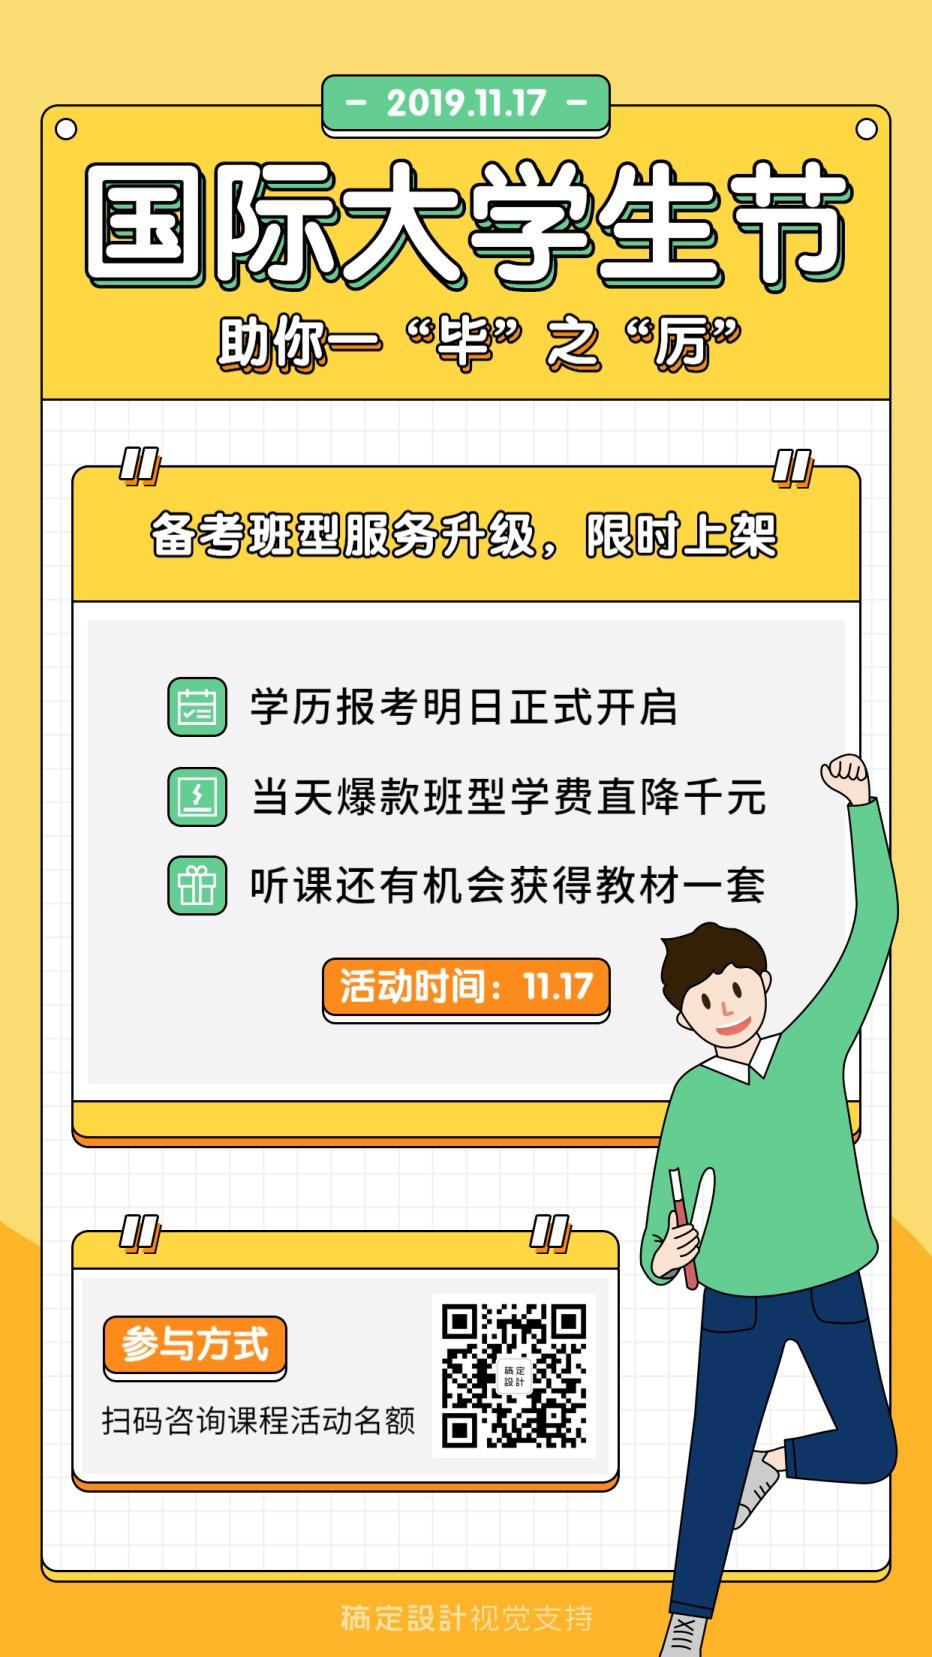 插画/课程促销/大学生节